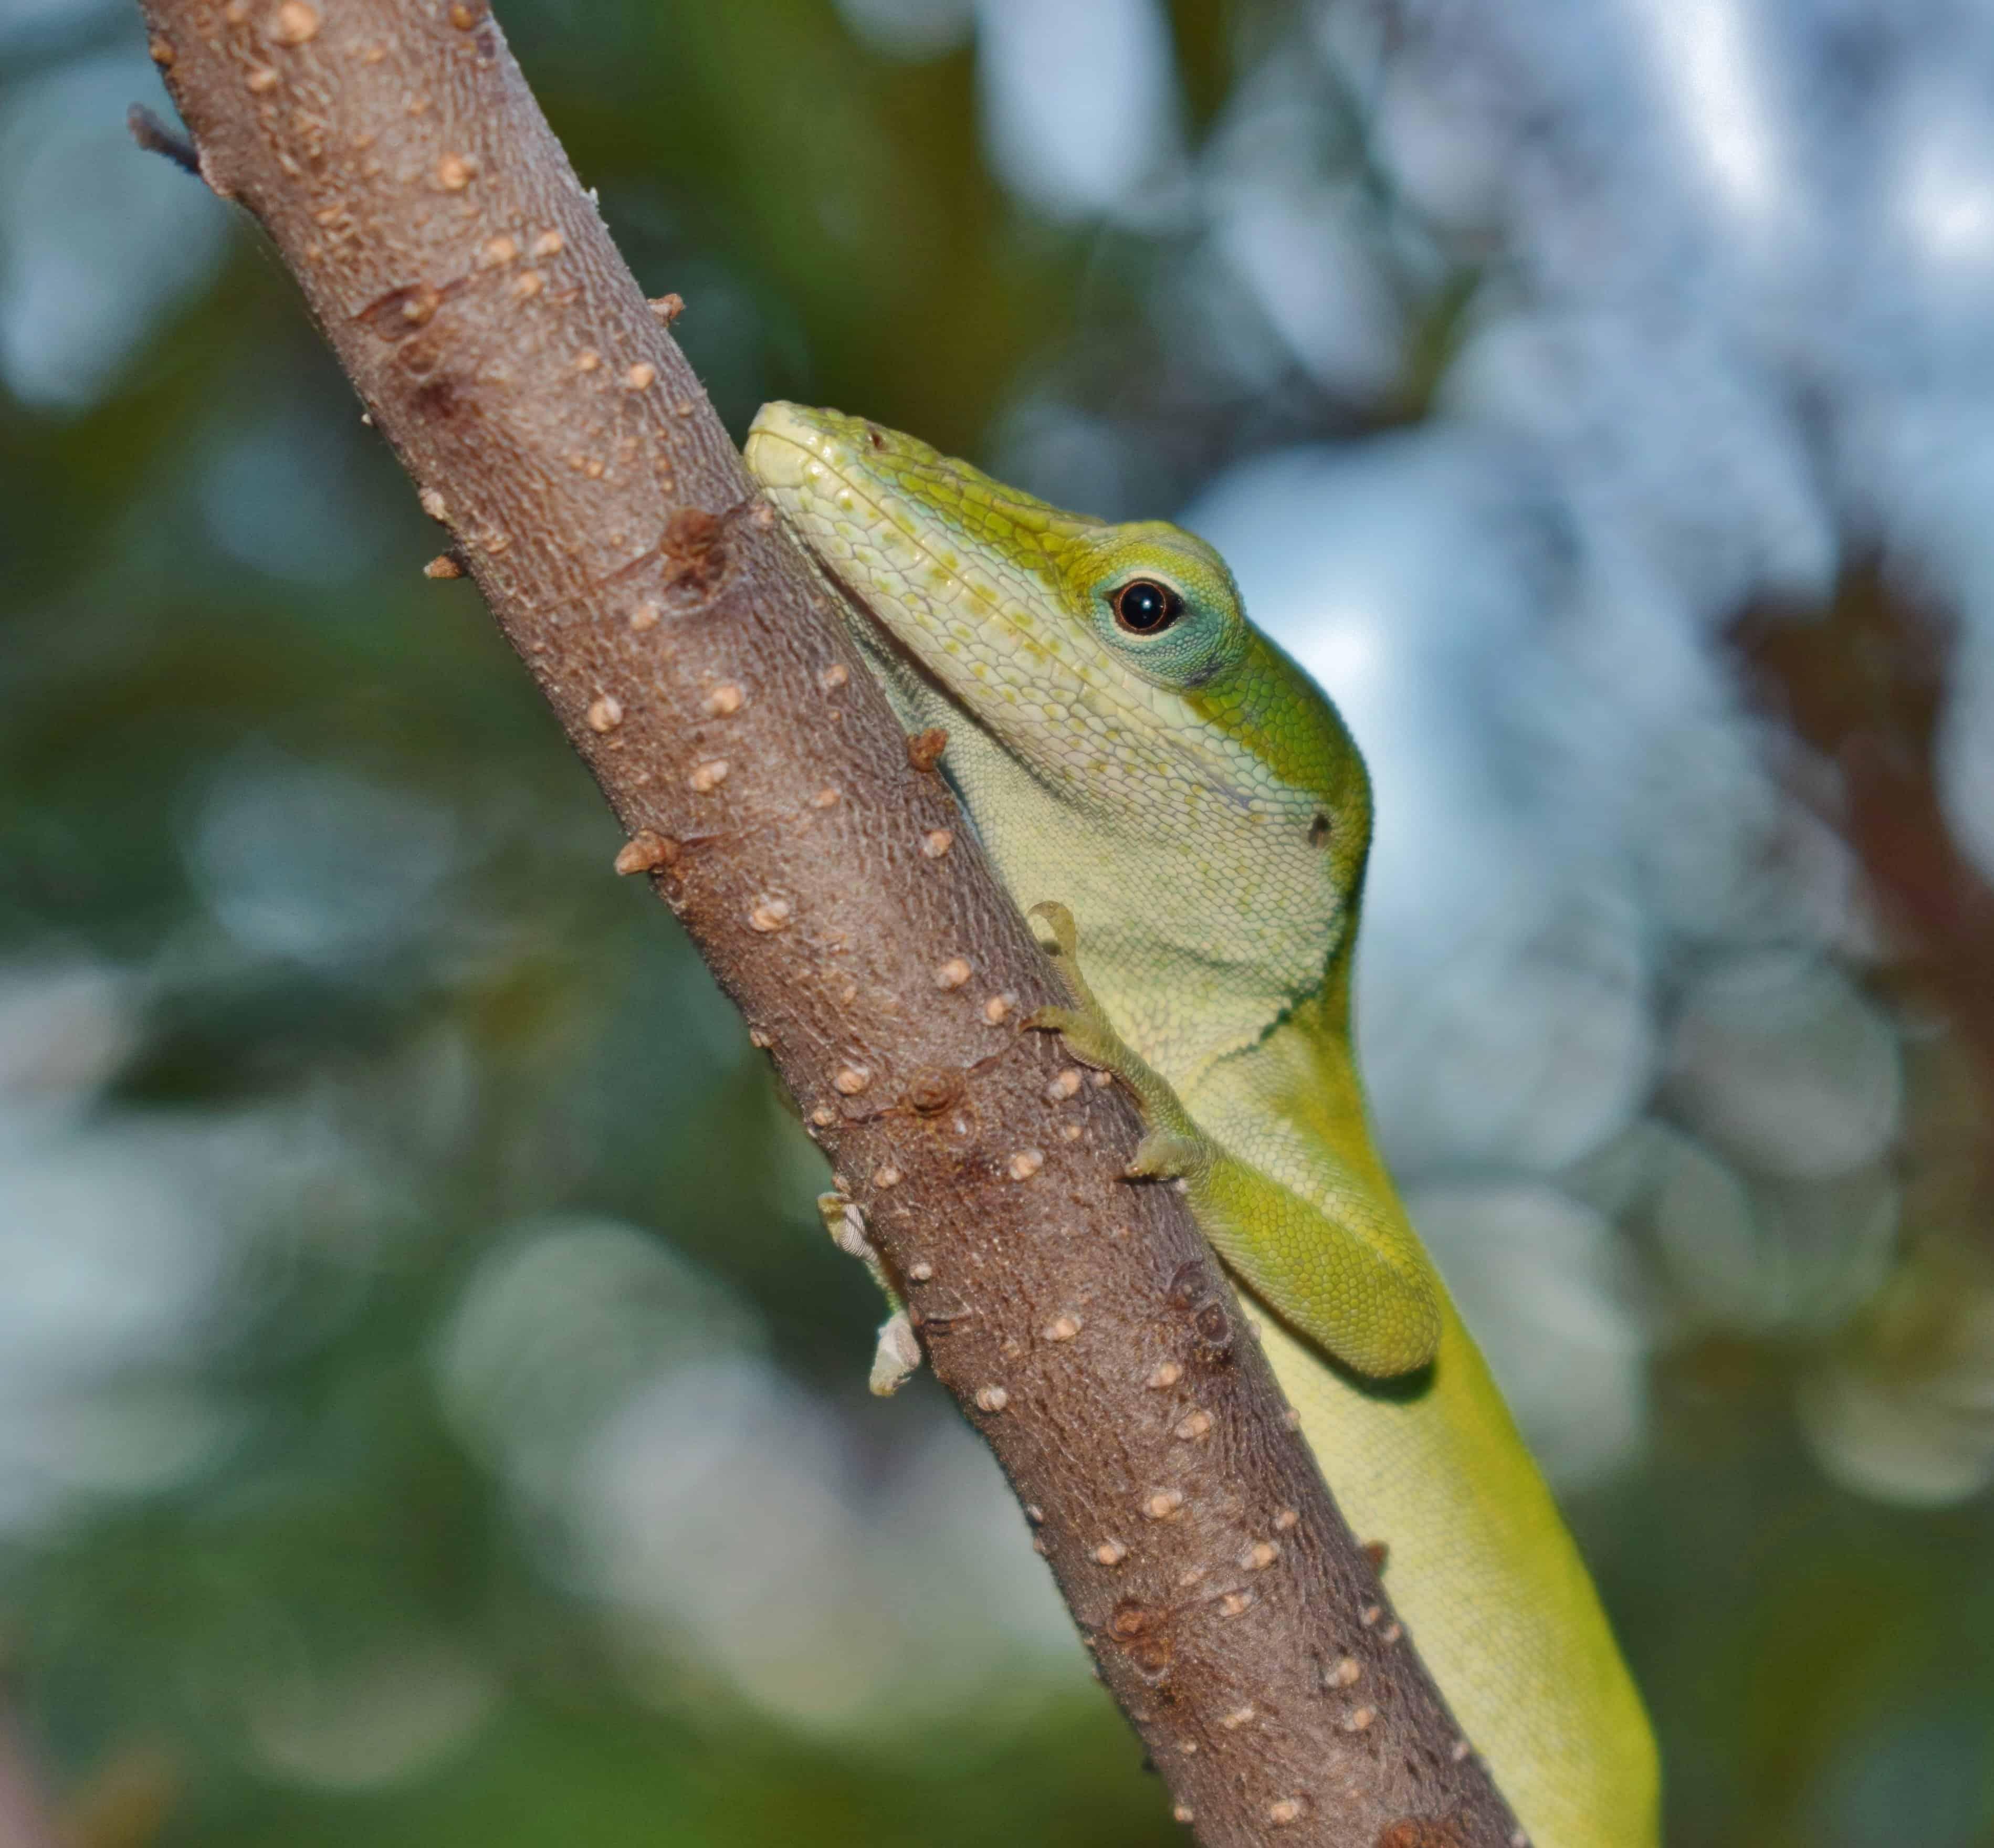 Bien-aimé Image libre: nature, faune, camouflage, jungle, arbres, reptile  RK44